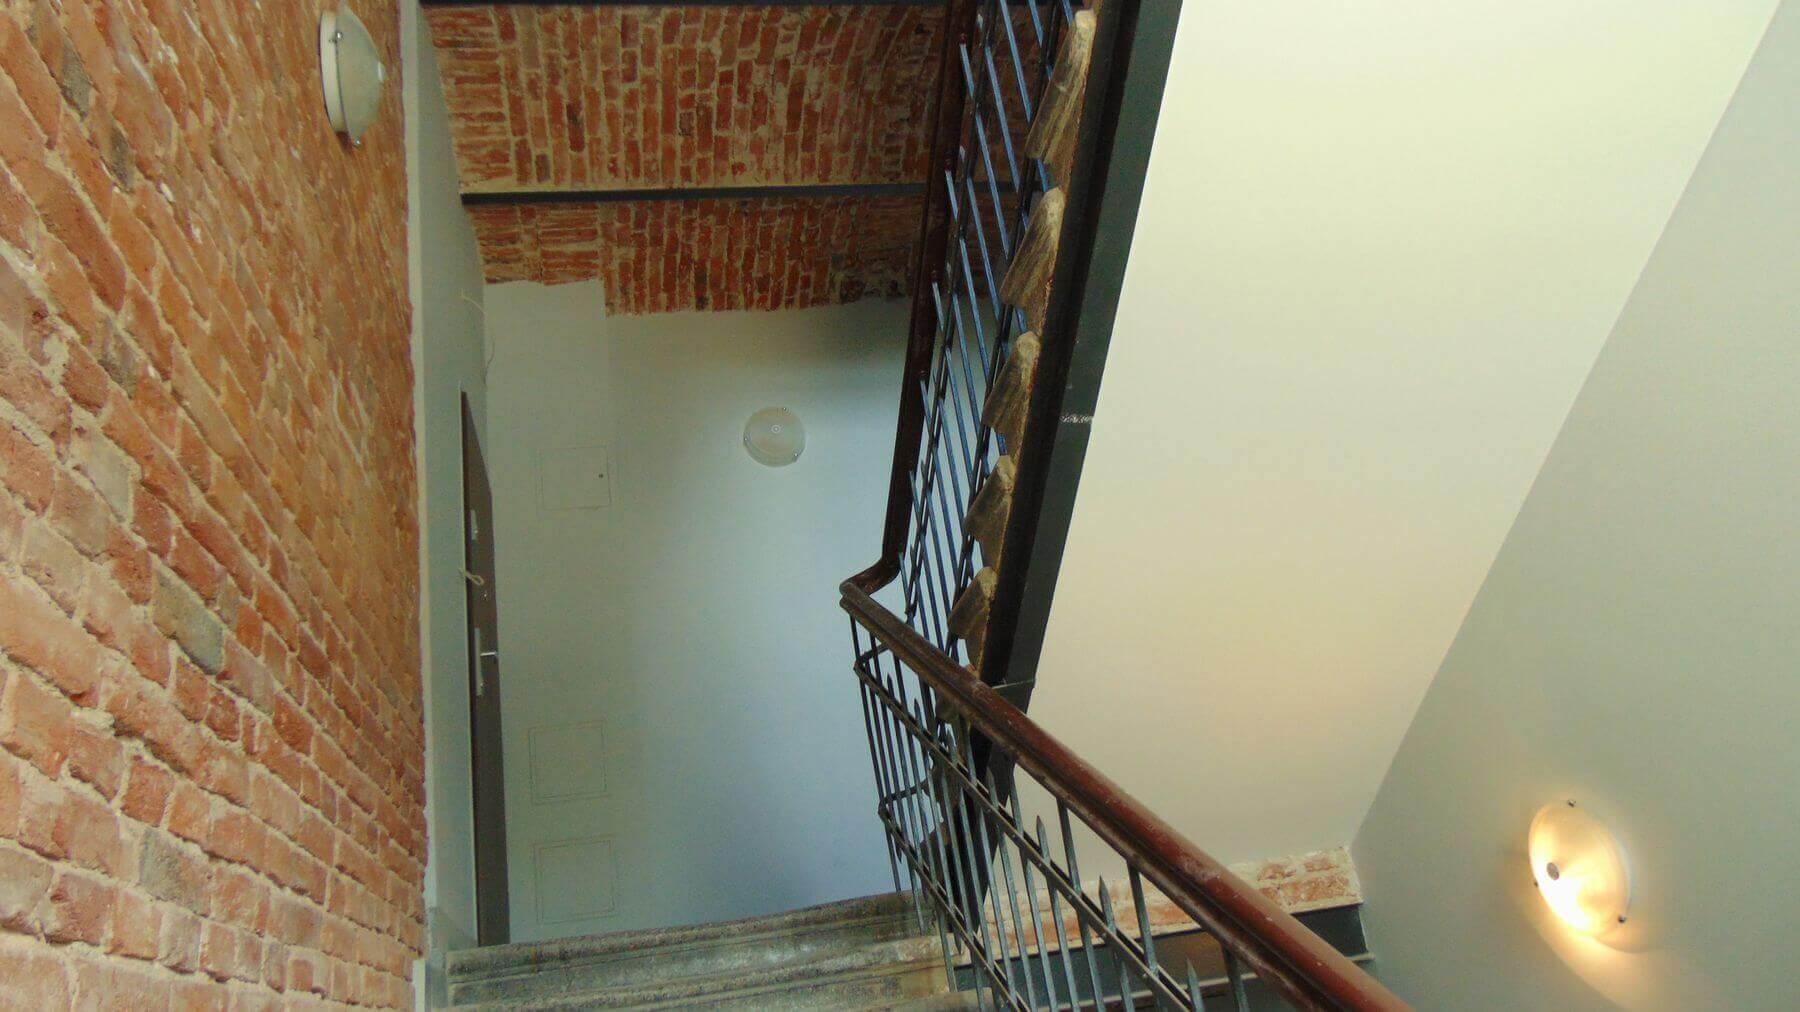 Elewacje zostały odnowione a podwórko oczyszczone, komórki rozebrane a na szczycie budynku możemy podziwiać mural- charakterystyczną ozdobę łódzkich kamienic. Niestety nie możemy pokazać Państwu prywatnych mieszkań właścicieli, ale zapraszamy do oglądania zdjęć tego, czym mogliśmy się podzielić.